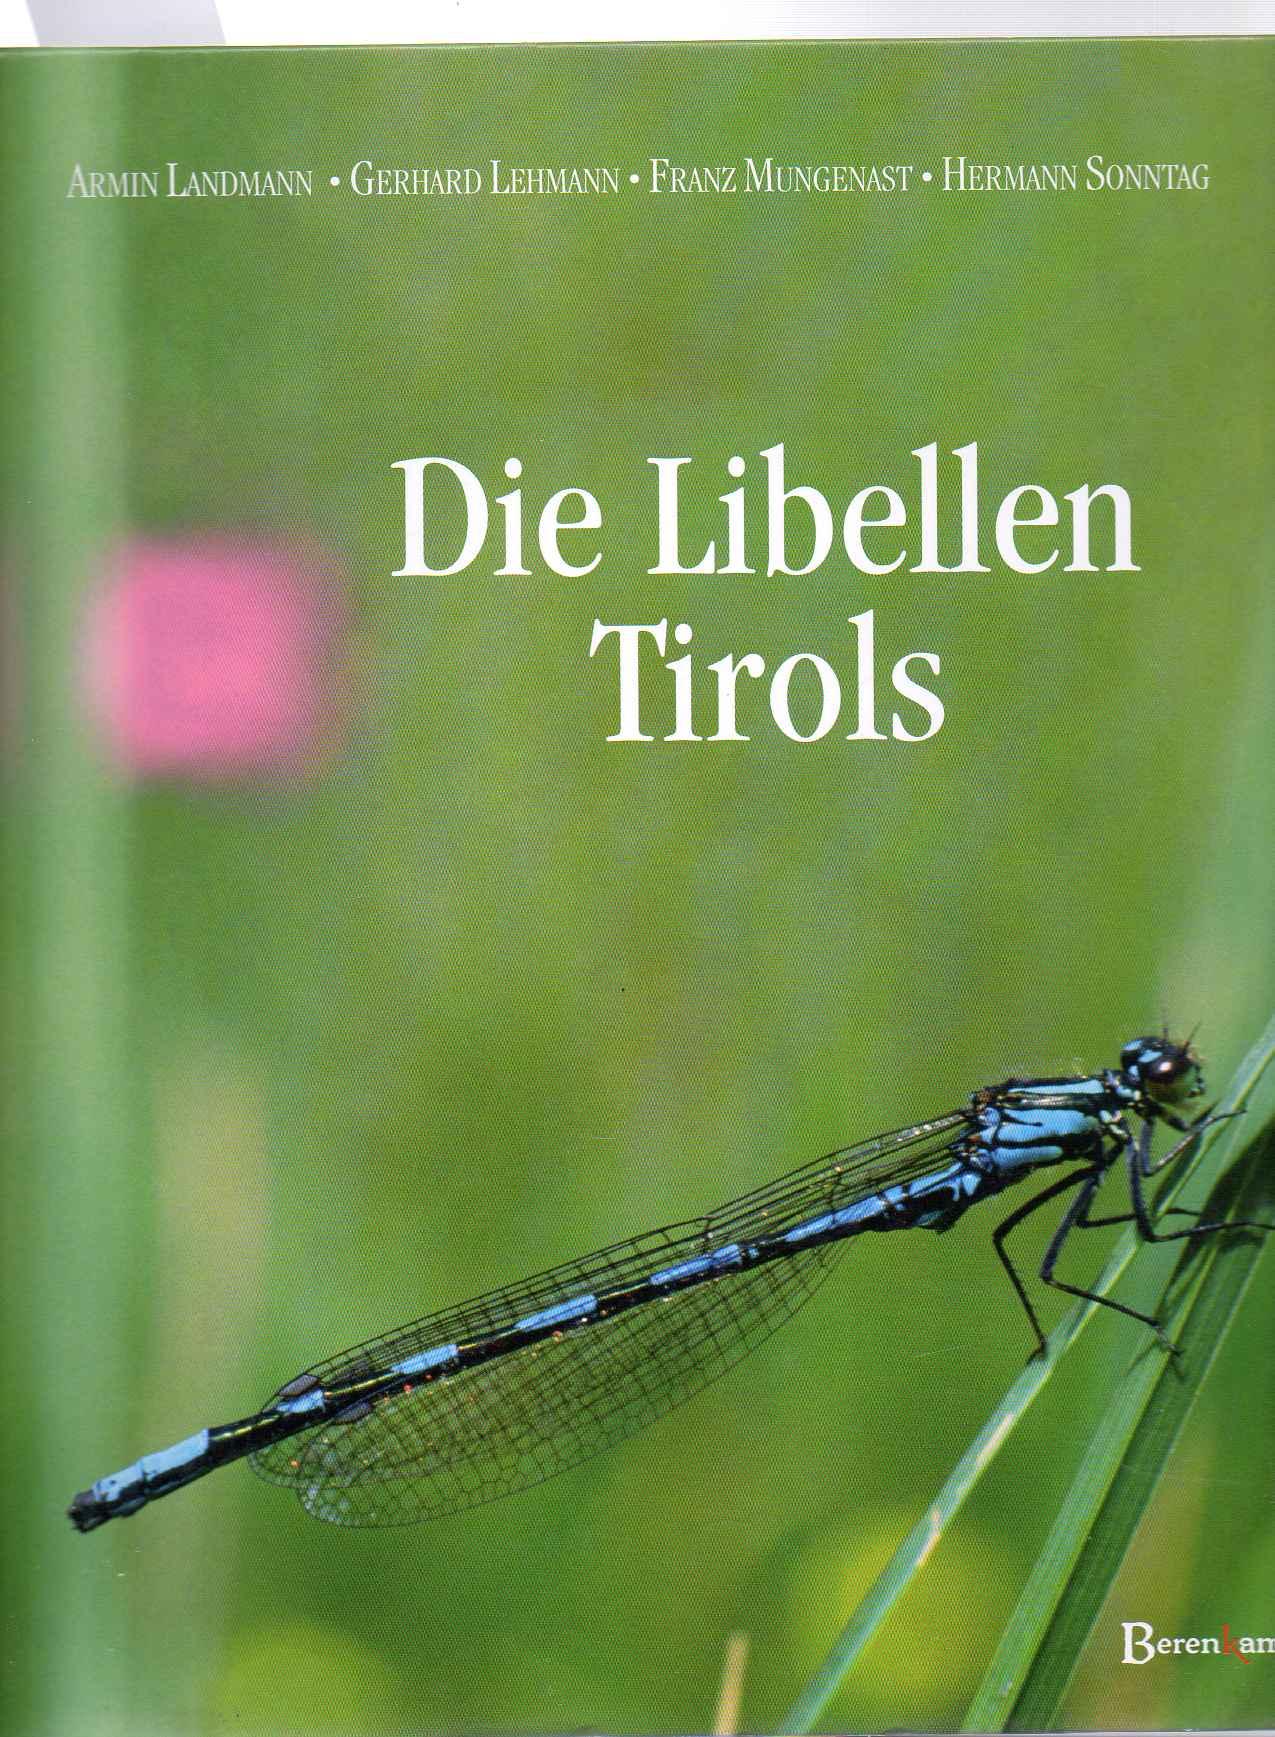 libellen tirols - ZVAB